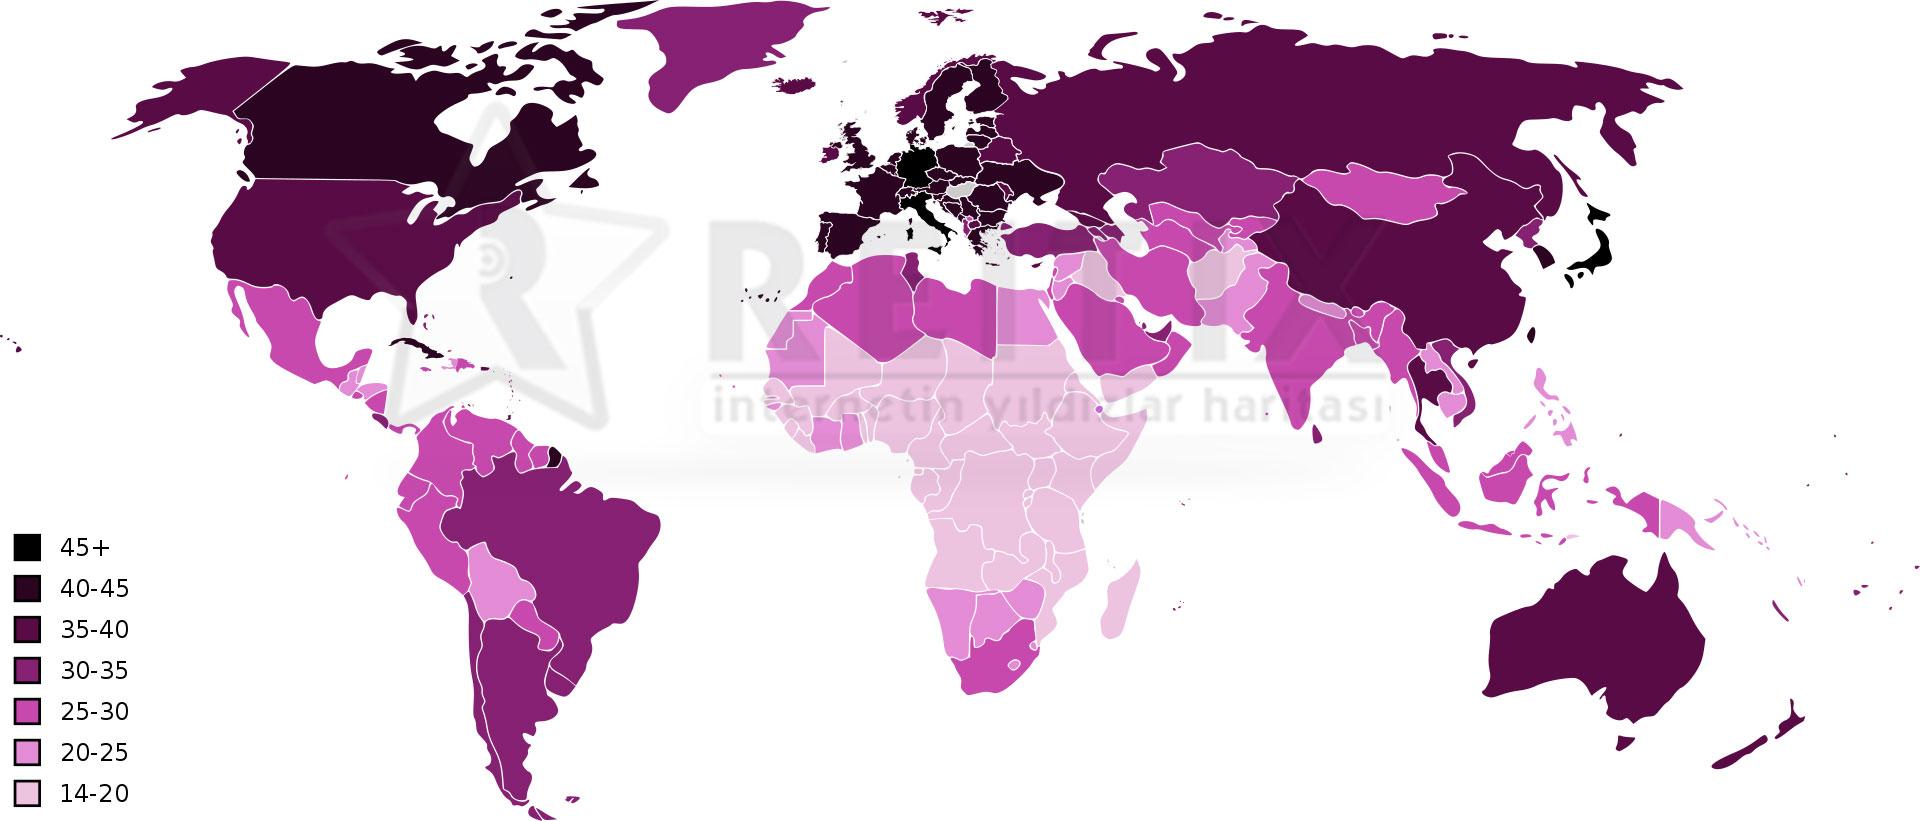 dünya yaş ortalamaları sıcaklık haritası